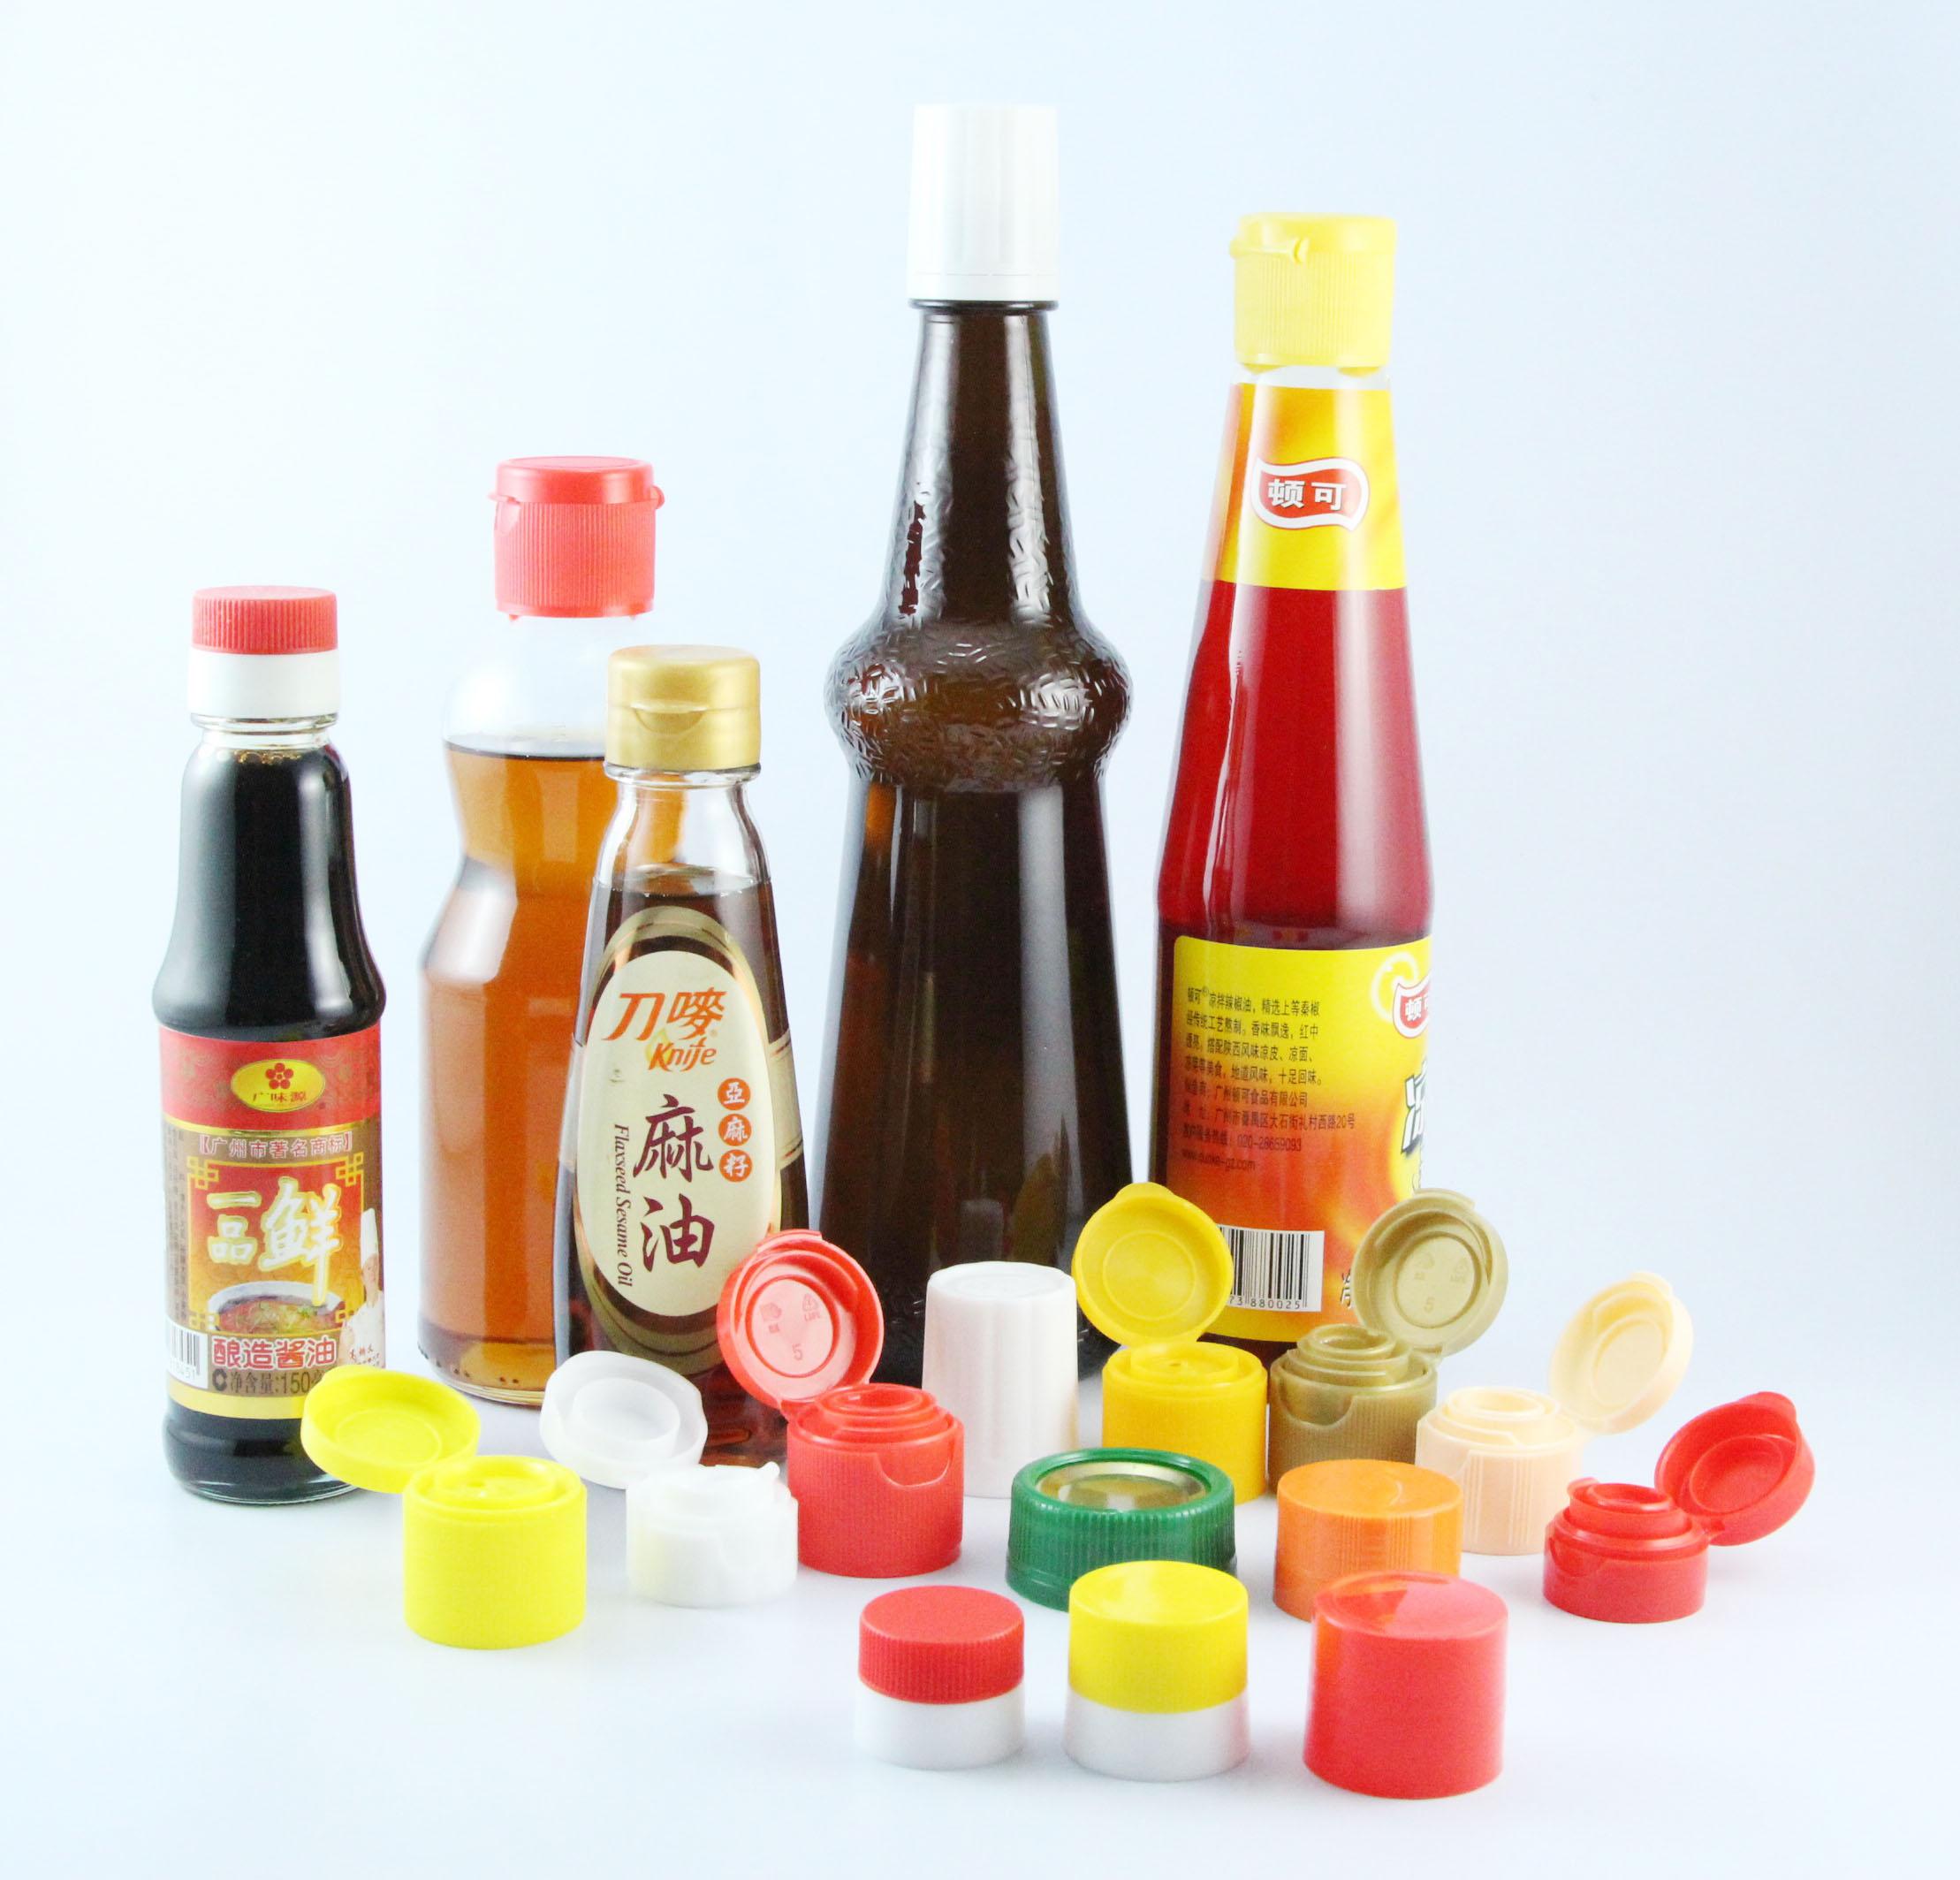 塑料瓶盖厂家——怎样选购一个高质量的塑料盖